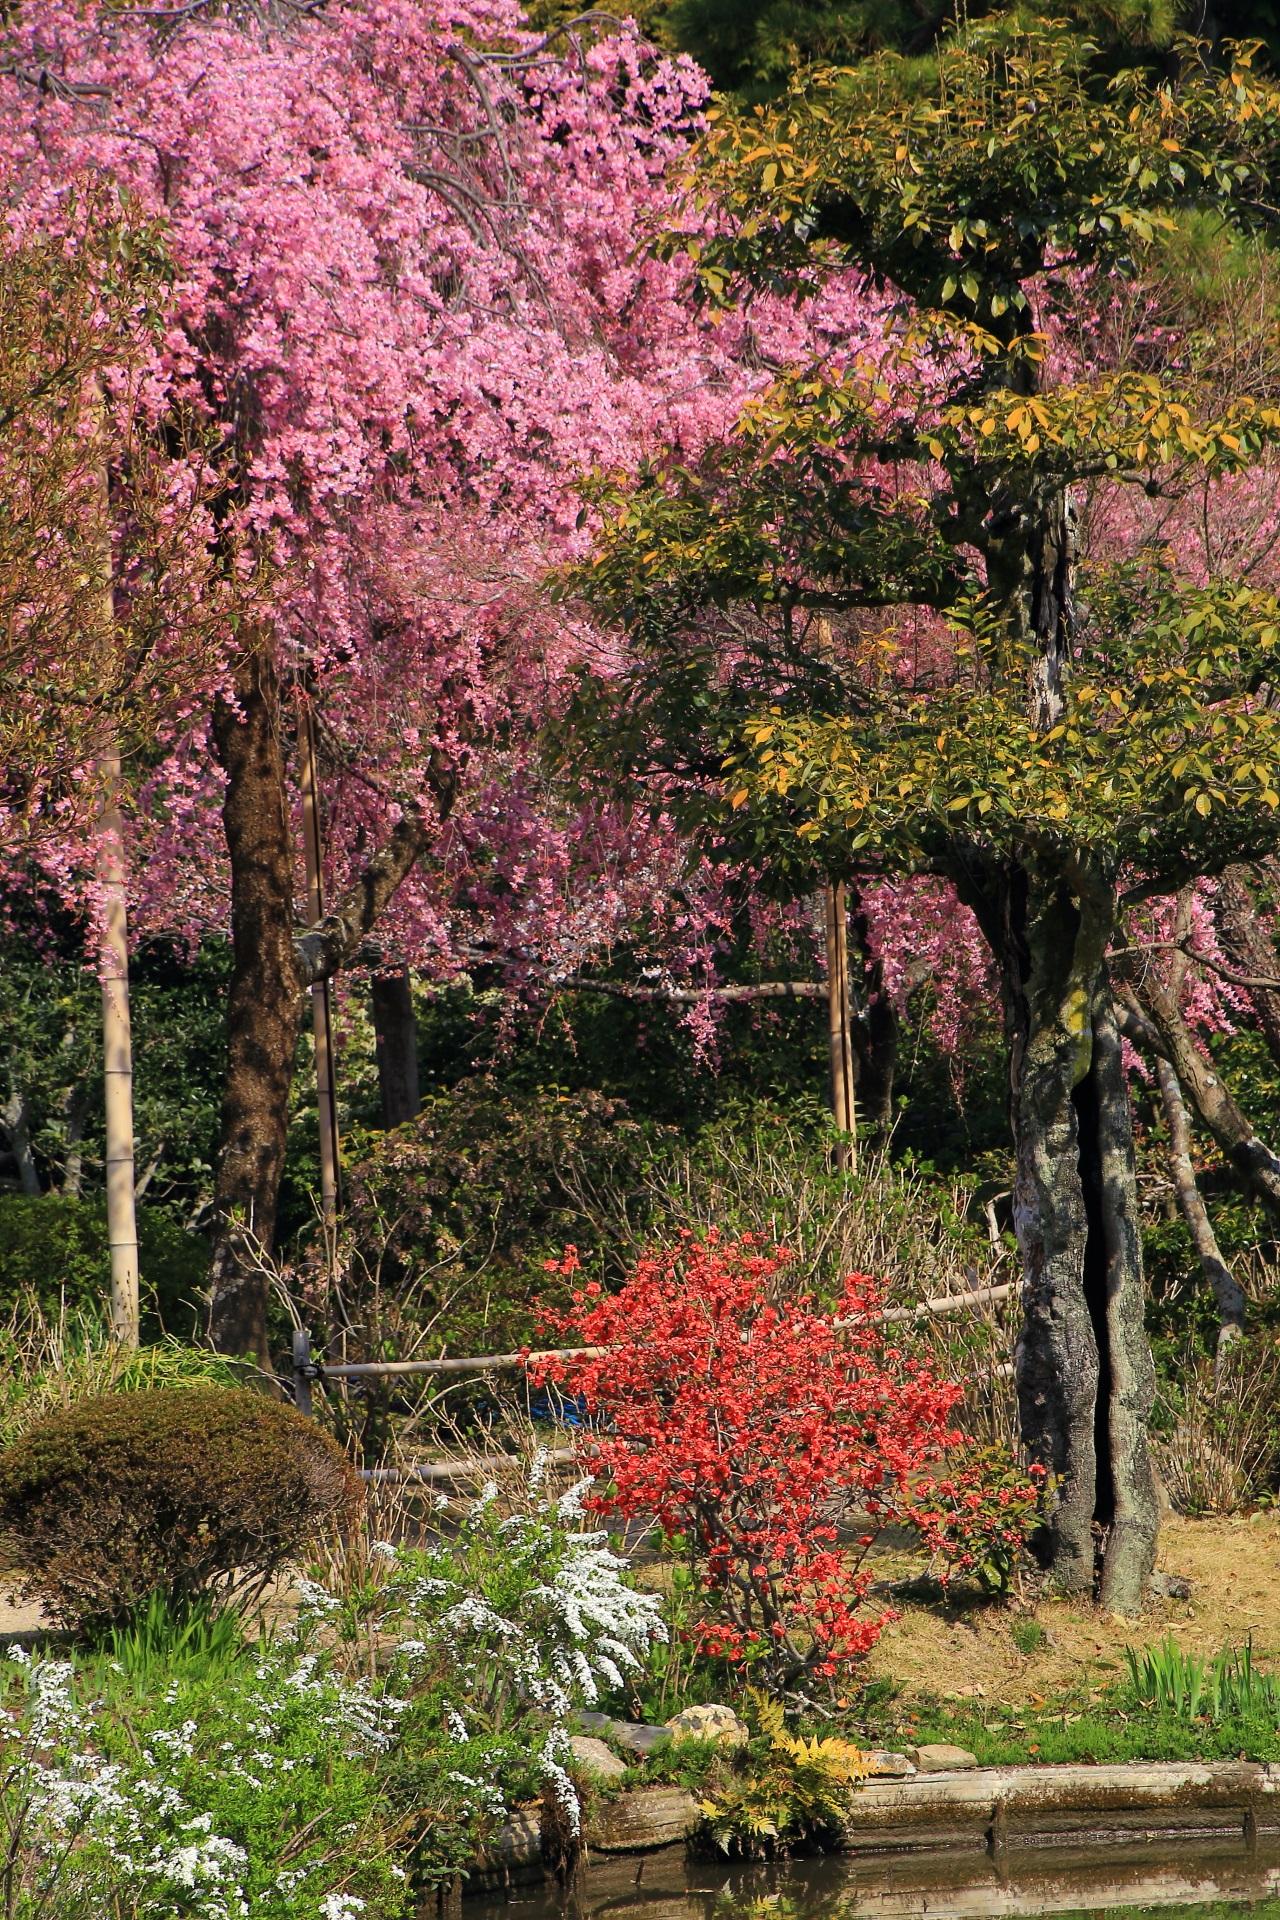 華やかな桜の下で咲く鮮やかな赤い花や白い雪柳